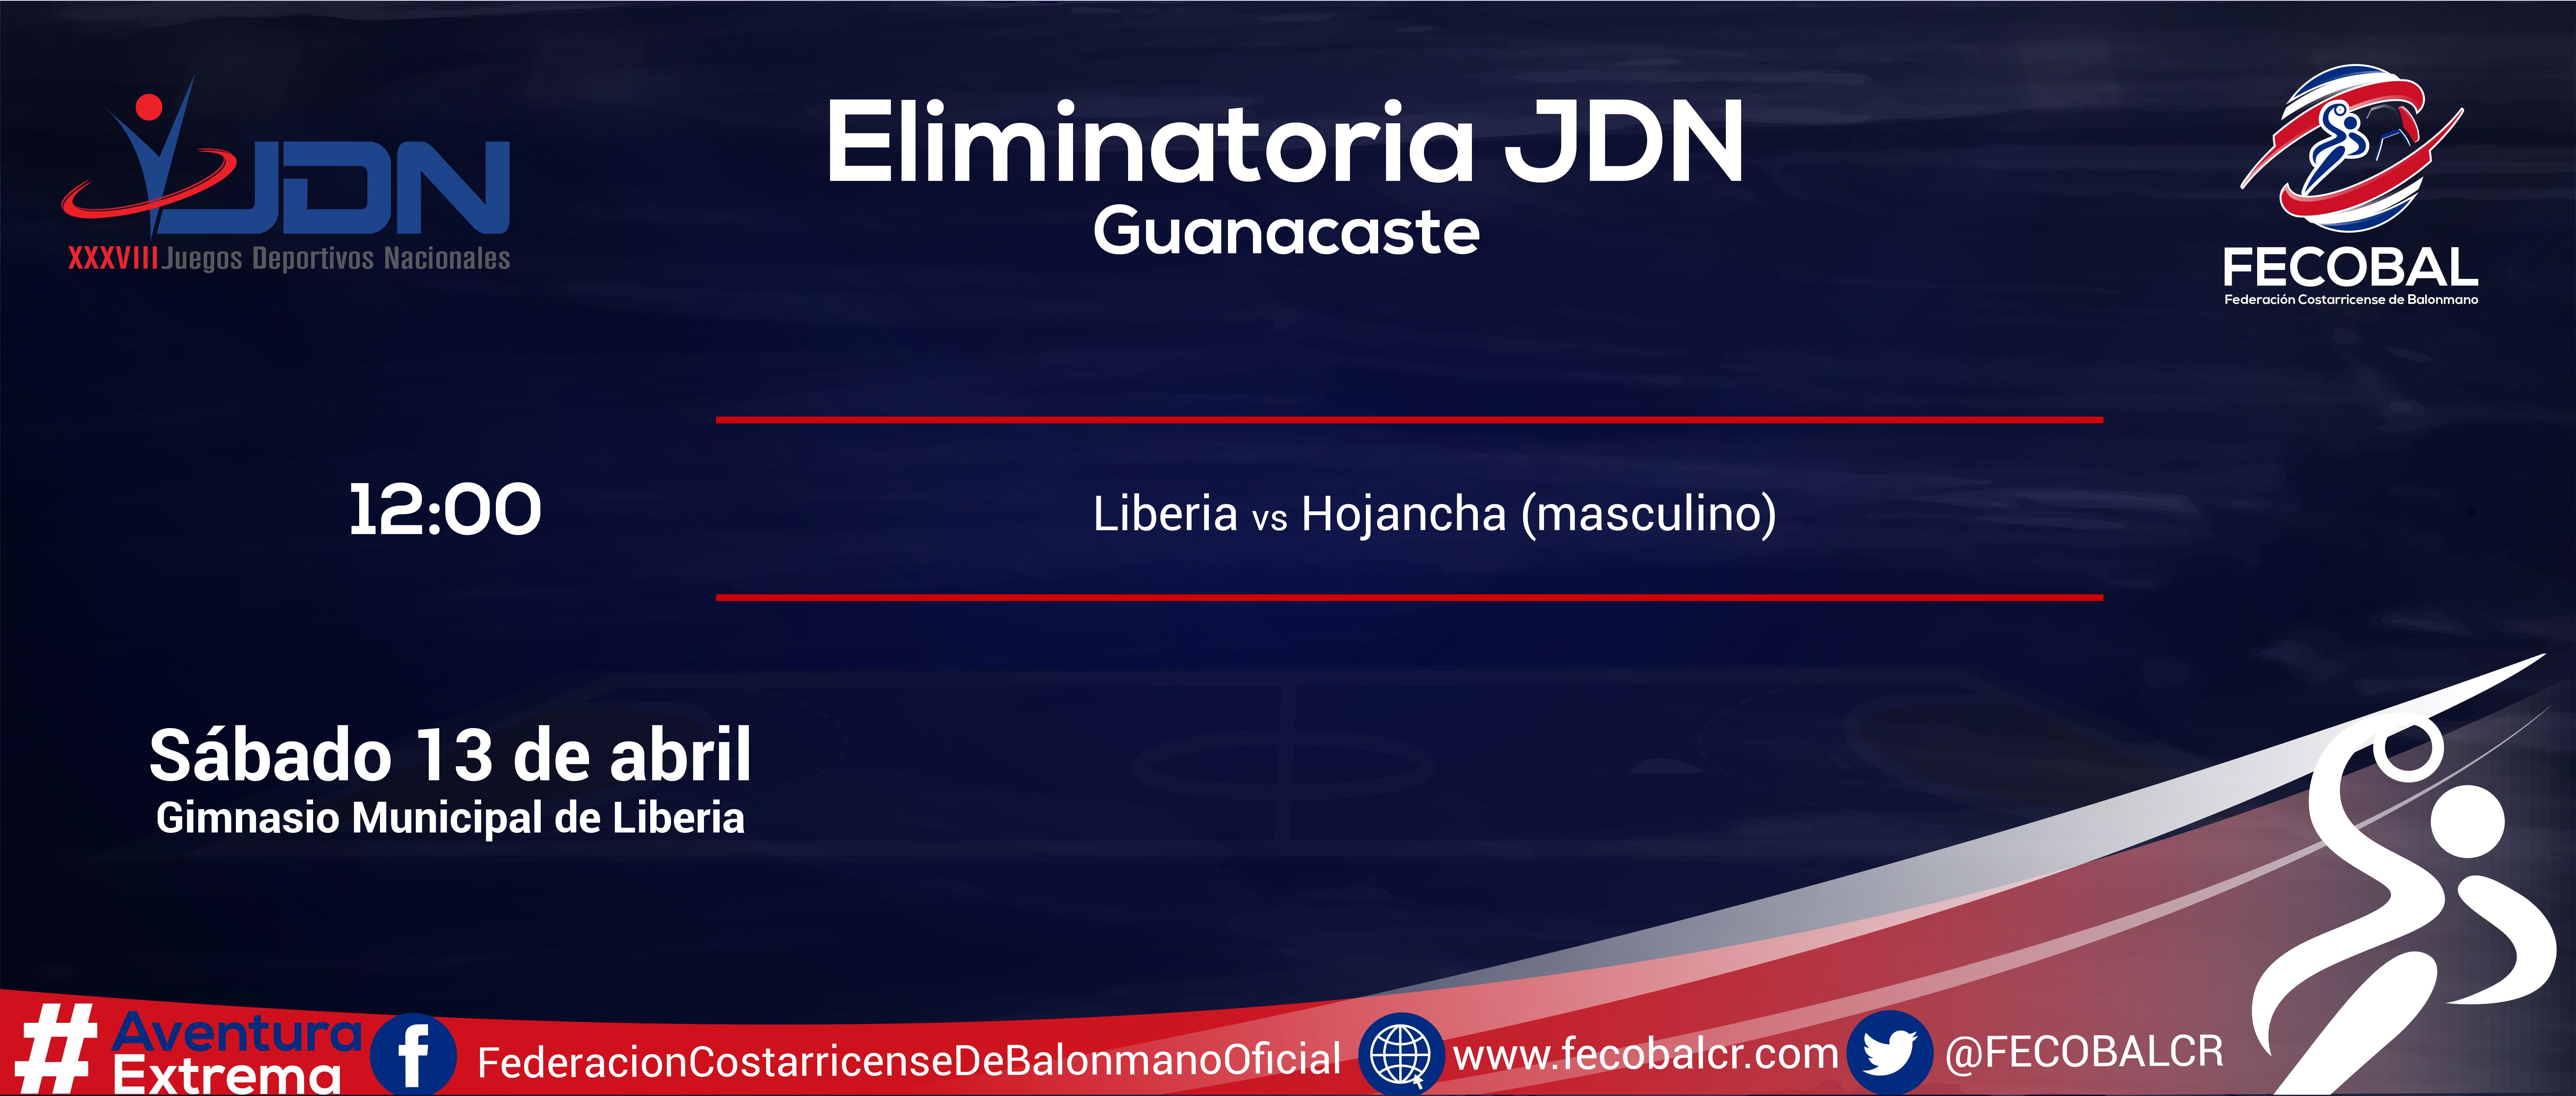 Guanacaste-01